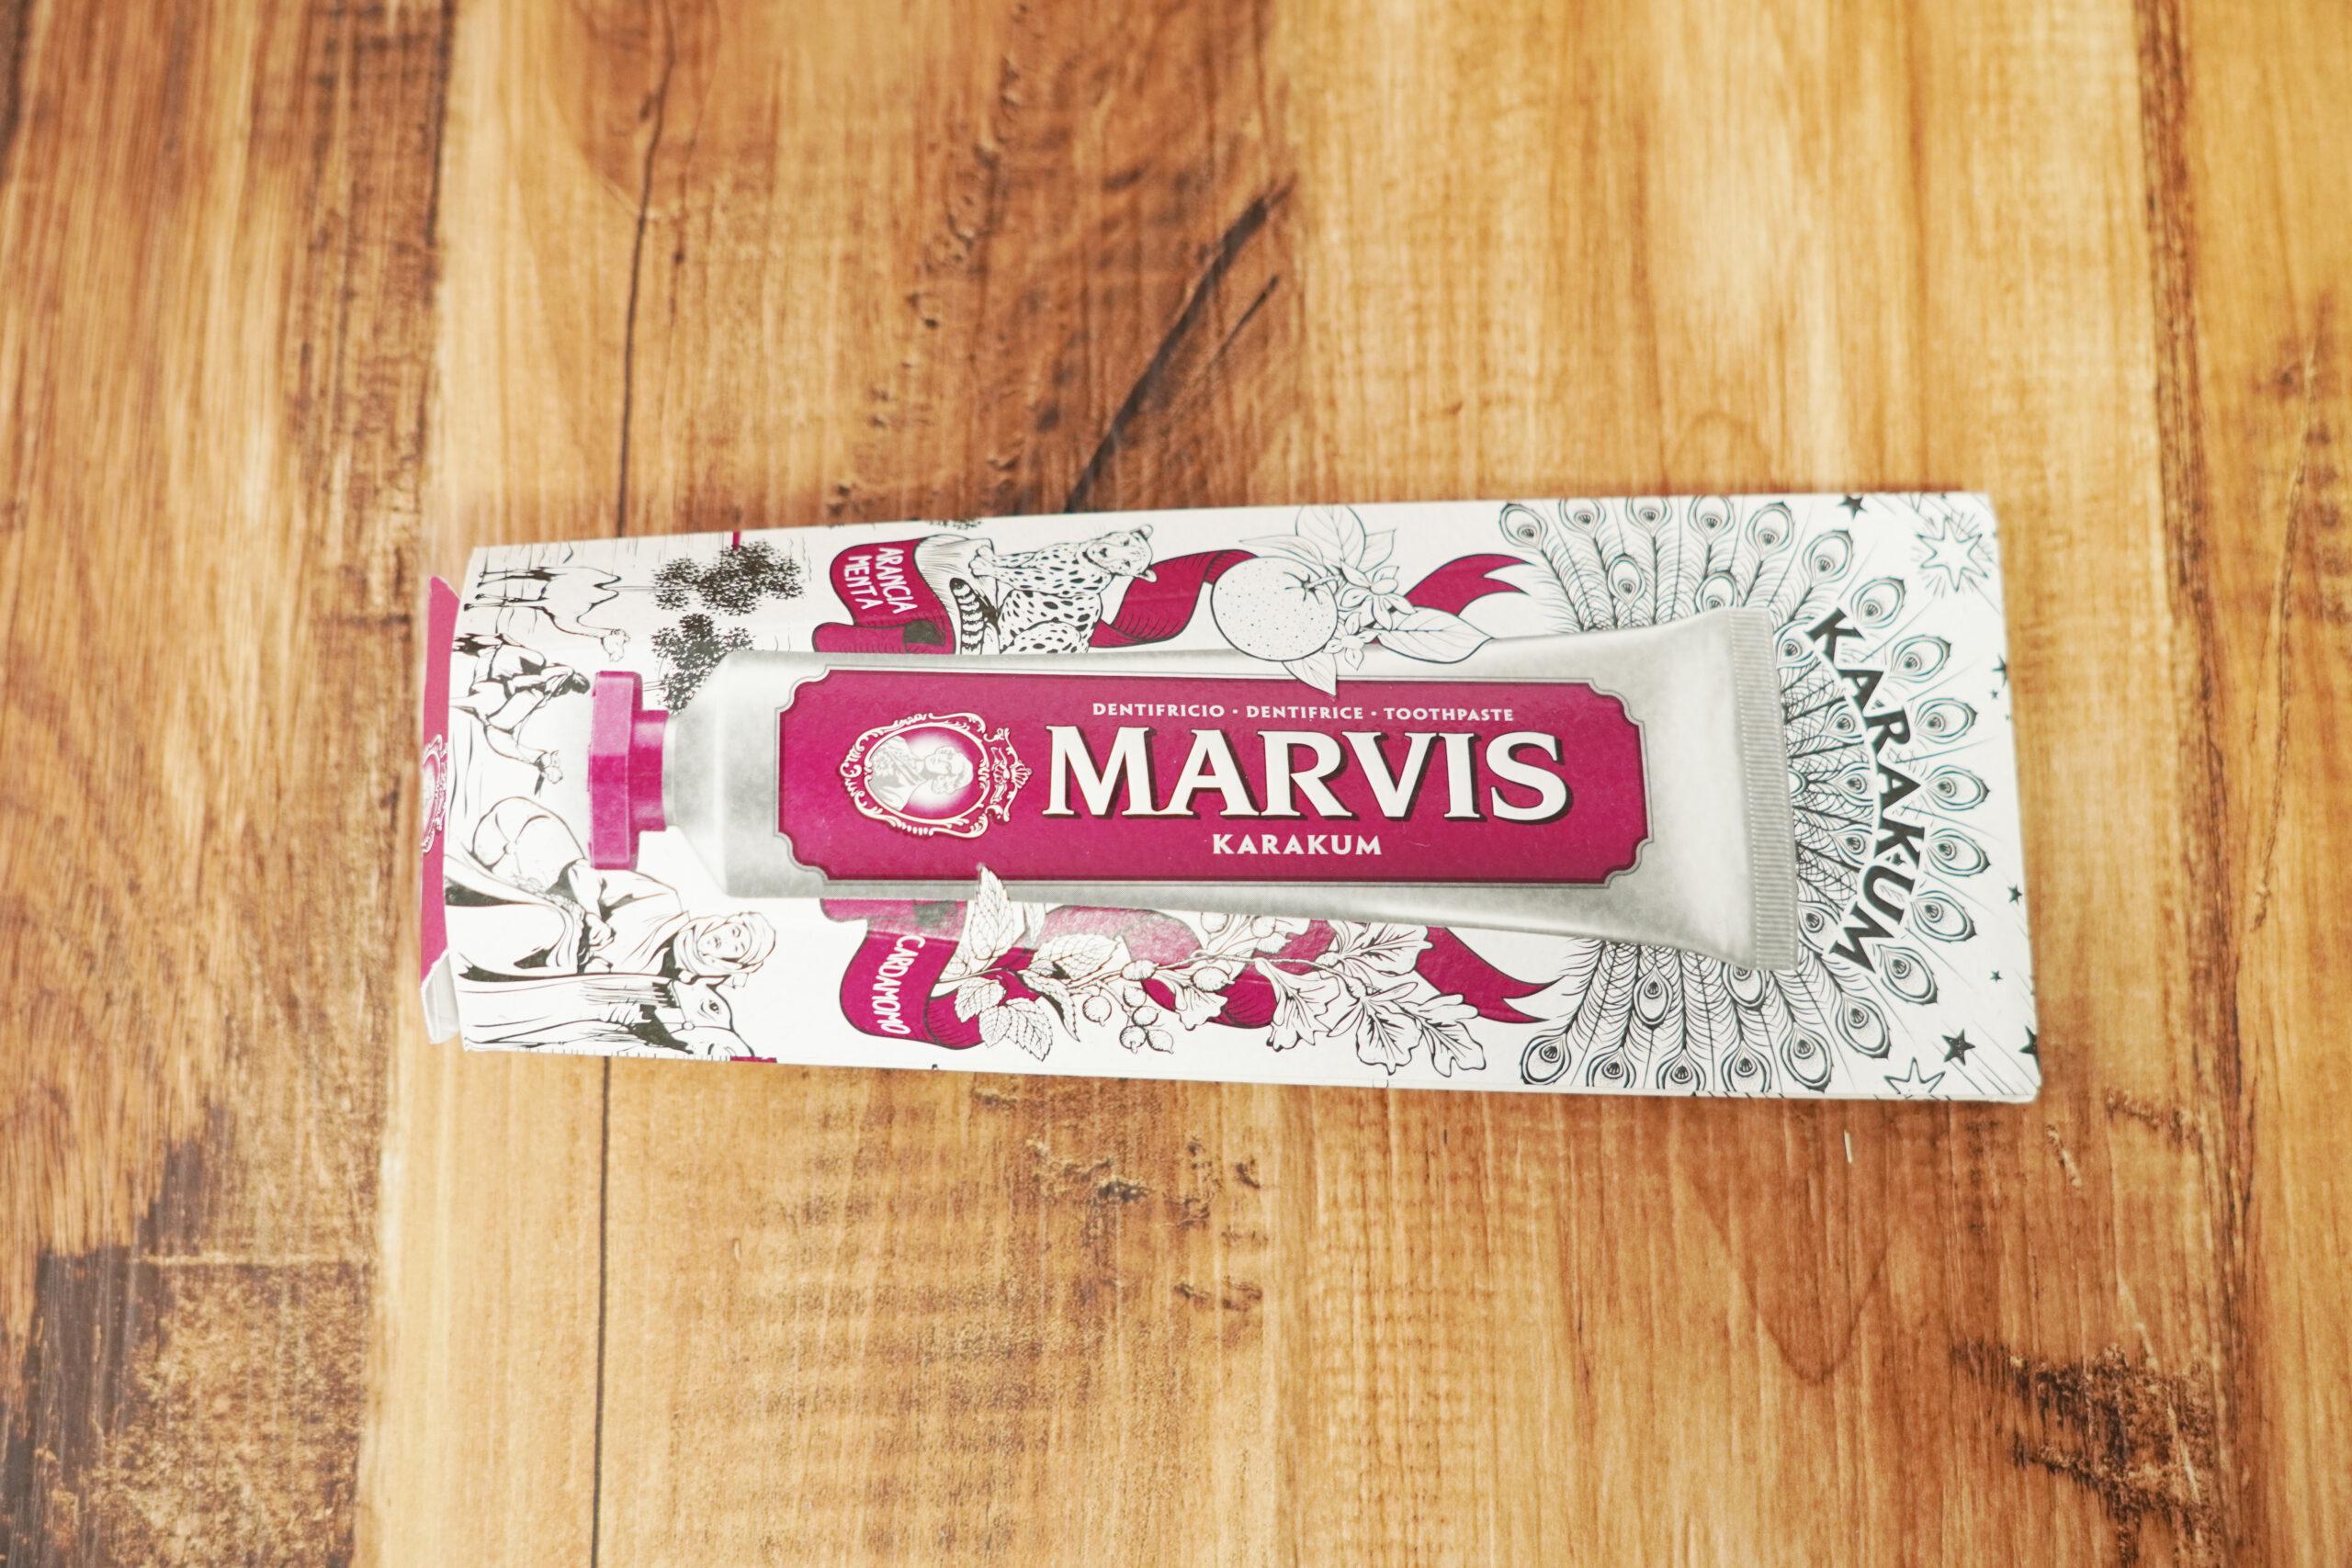 MARVIS(マービス)歯磨き粉 口コミ